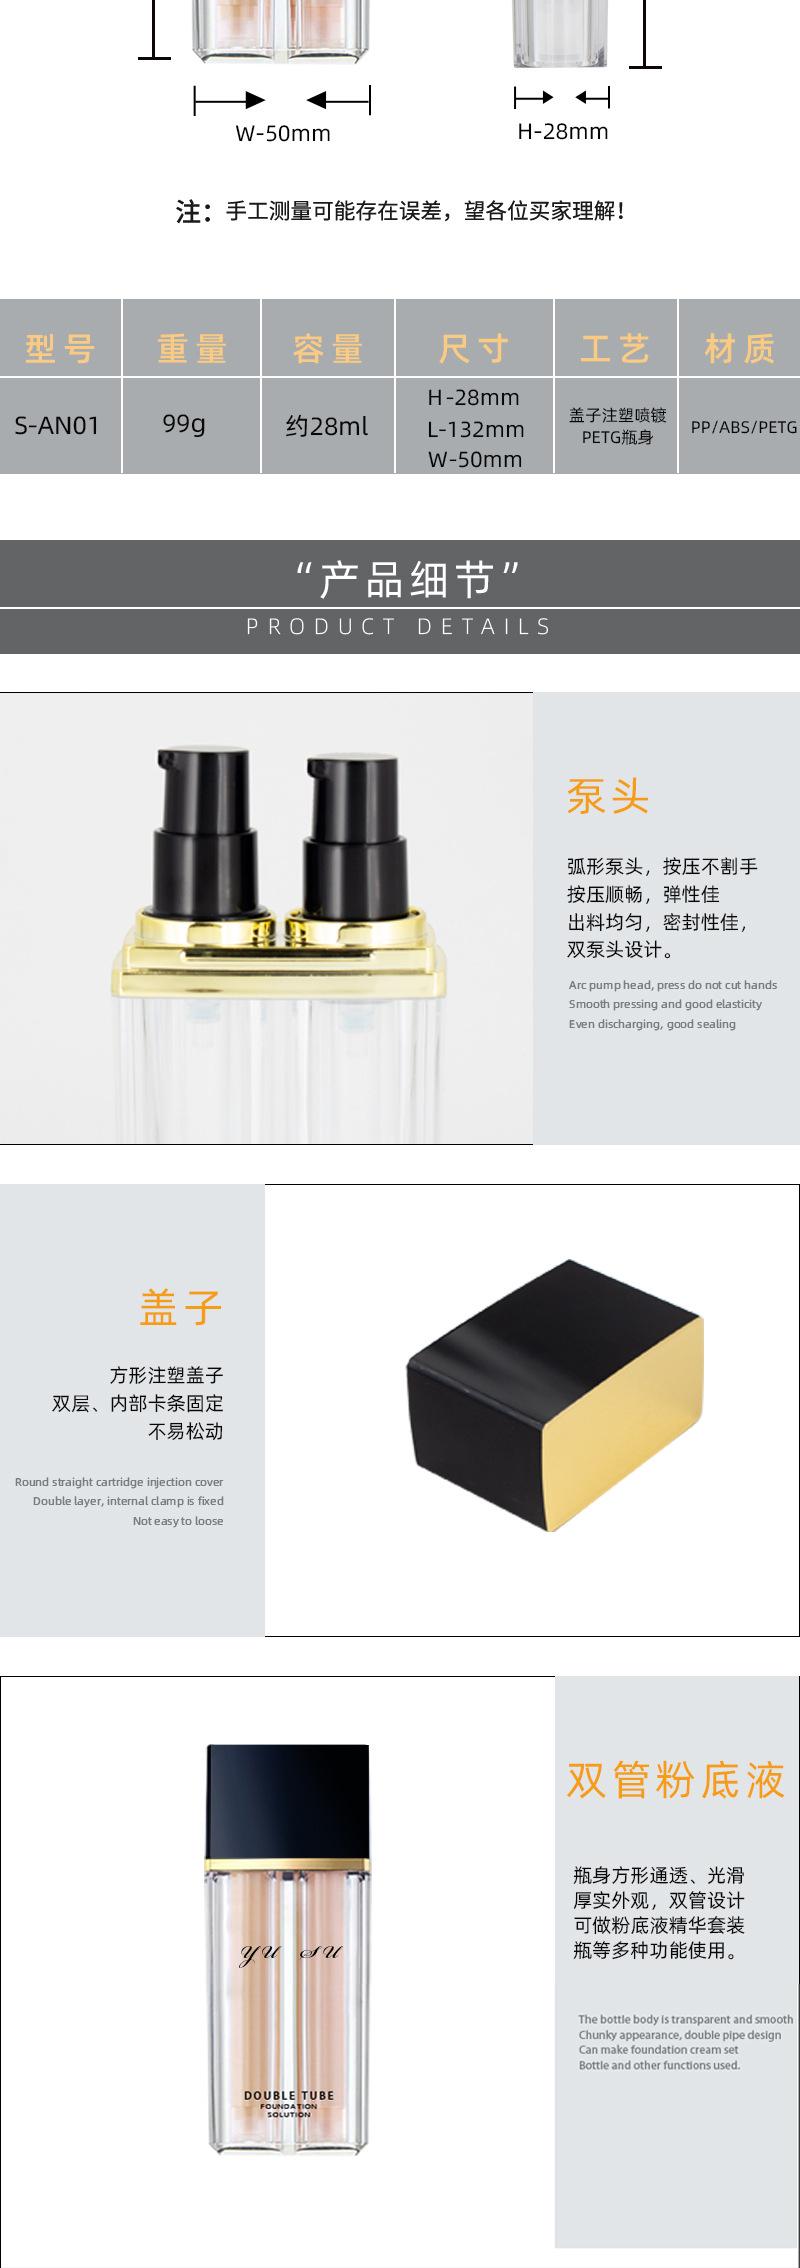 S-AN01 双管粉底液瓶 细节图